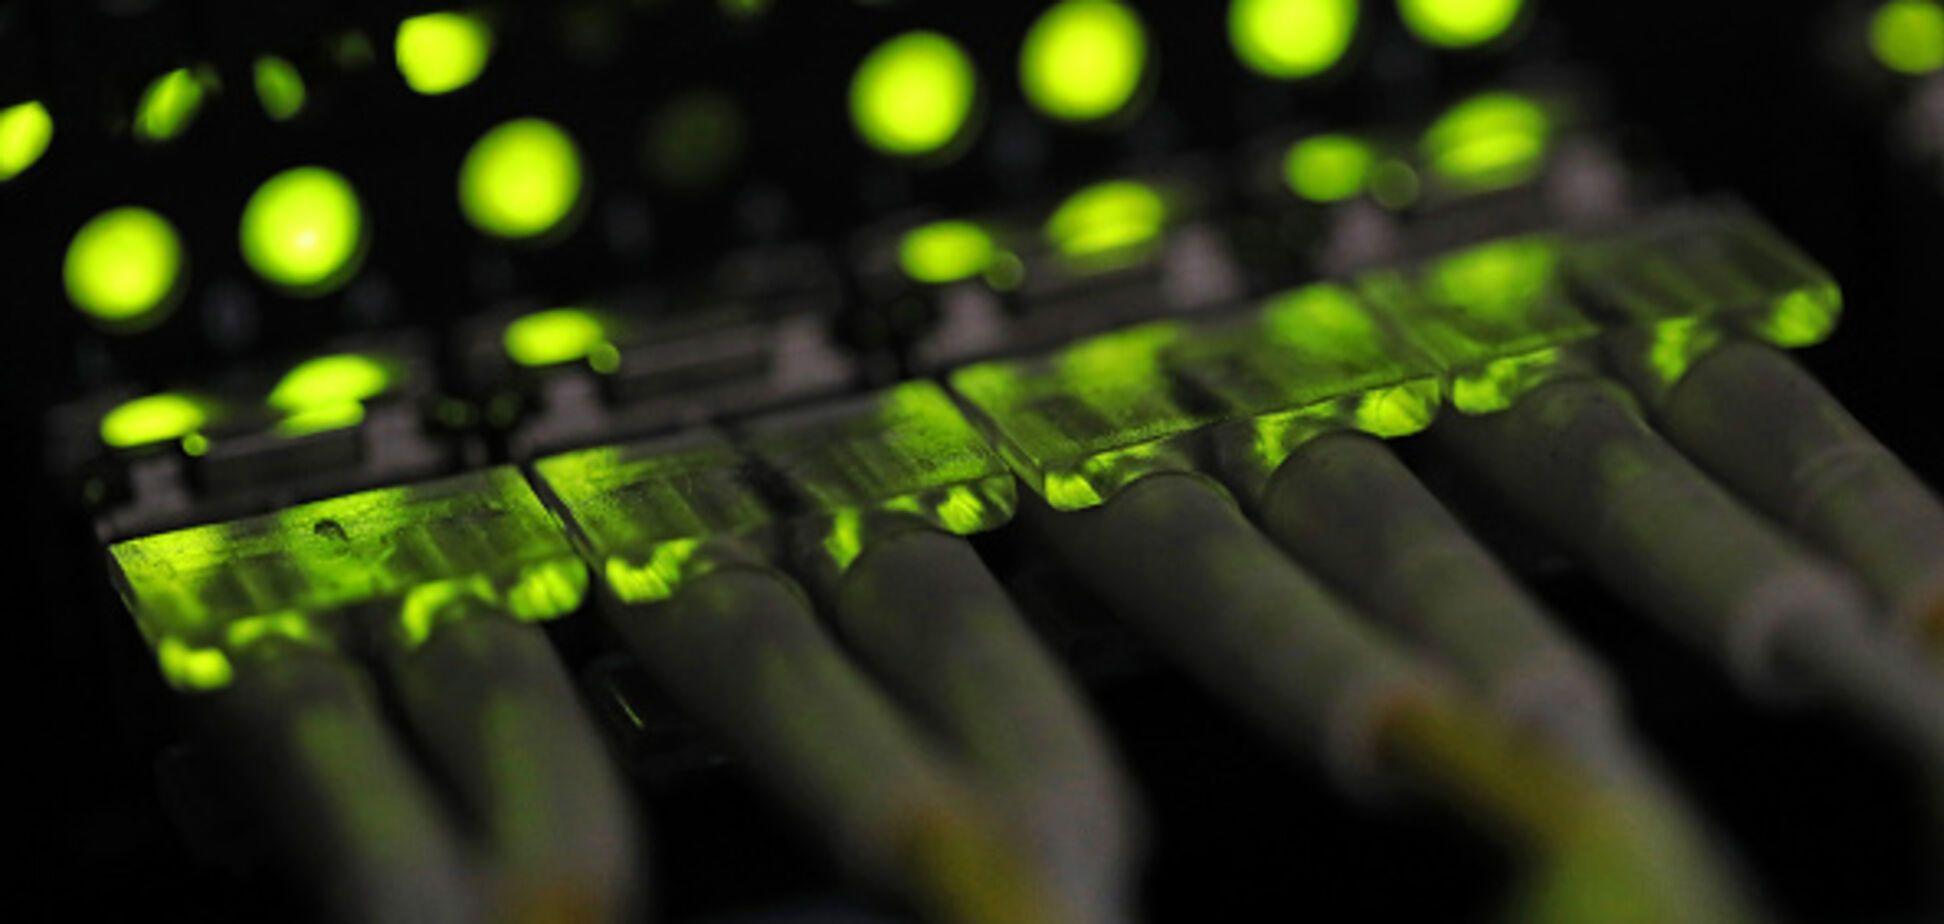 Операція 'Розплата': хакер розповів про новий кіберудар України по 'Л/ДНР'